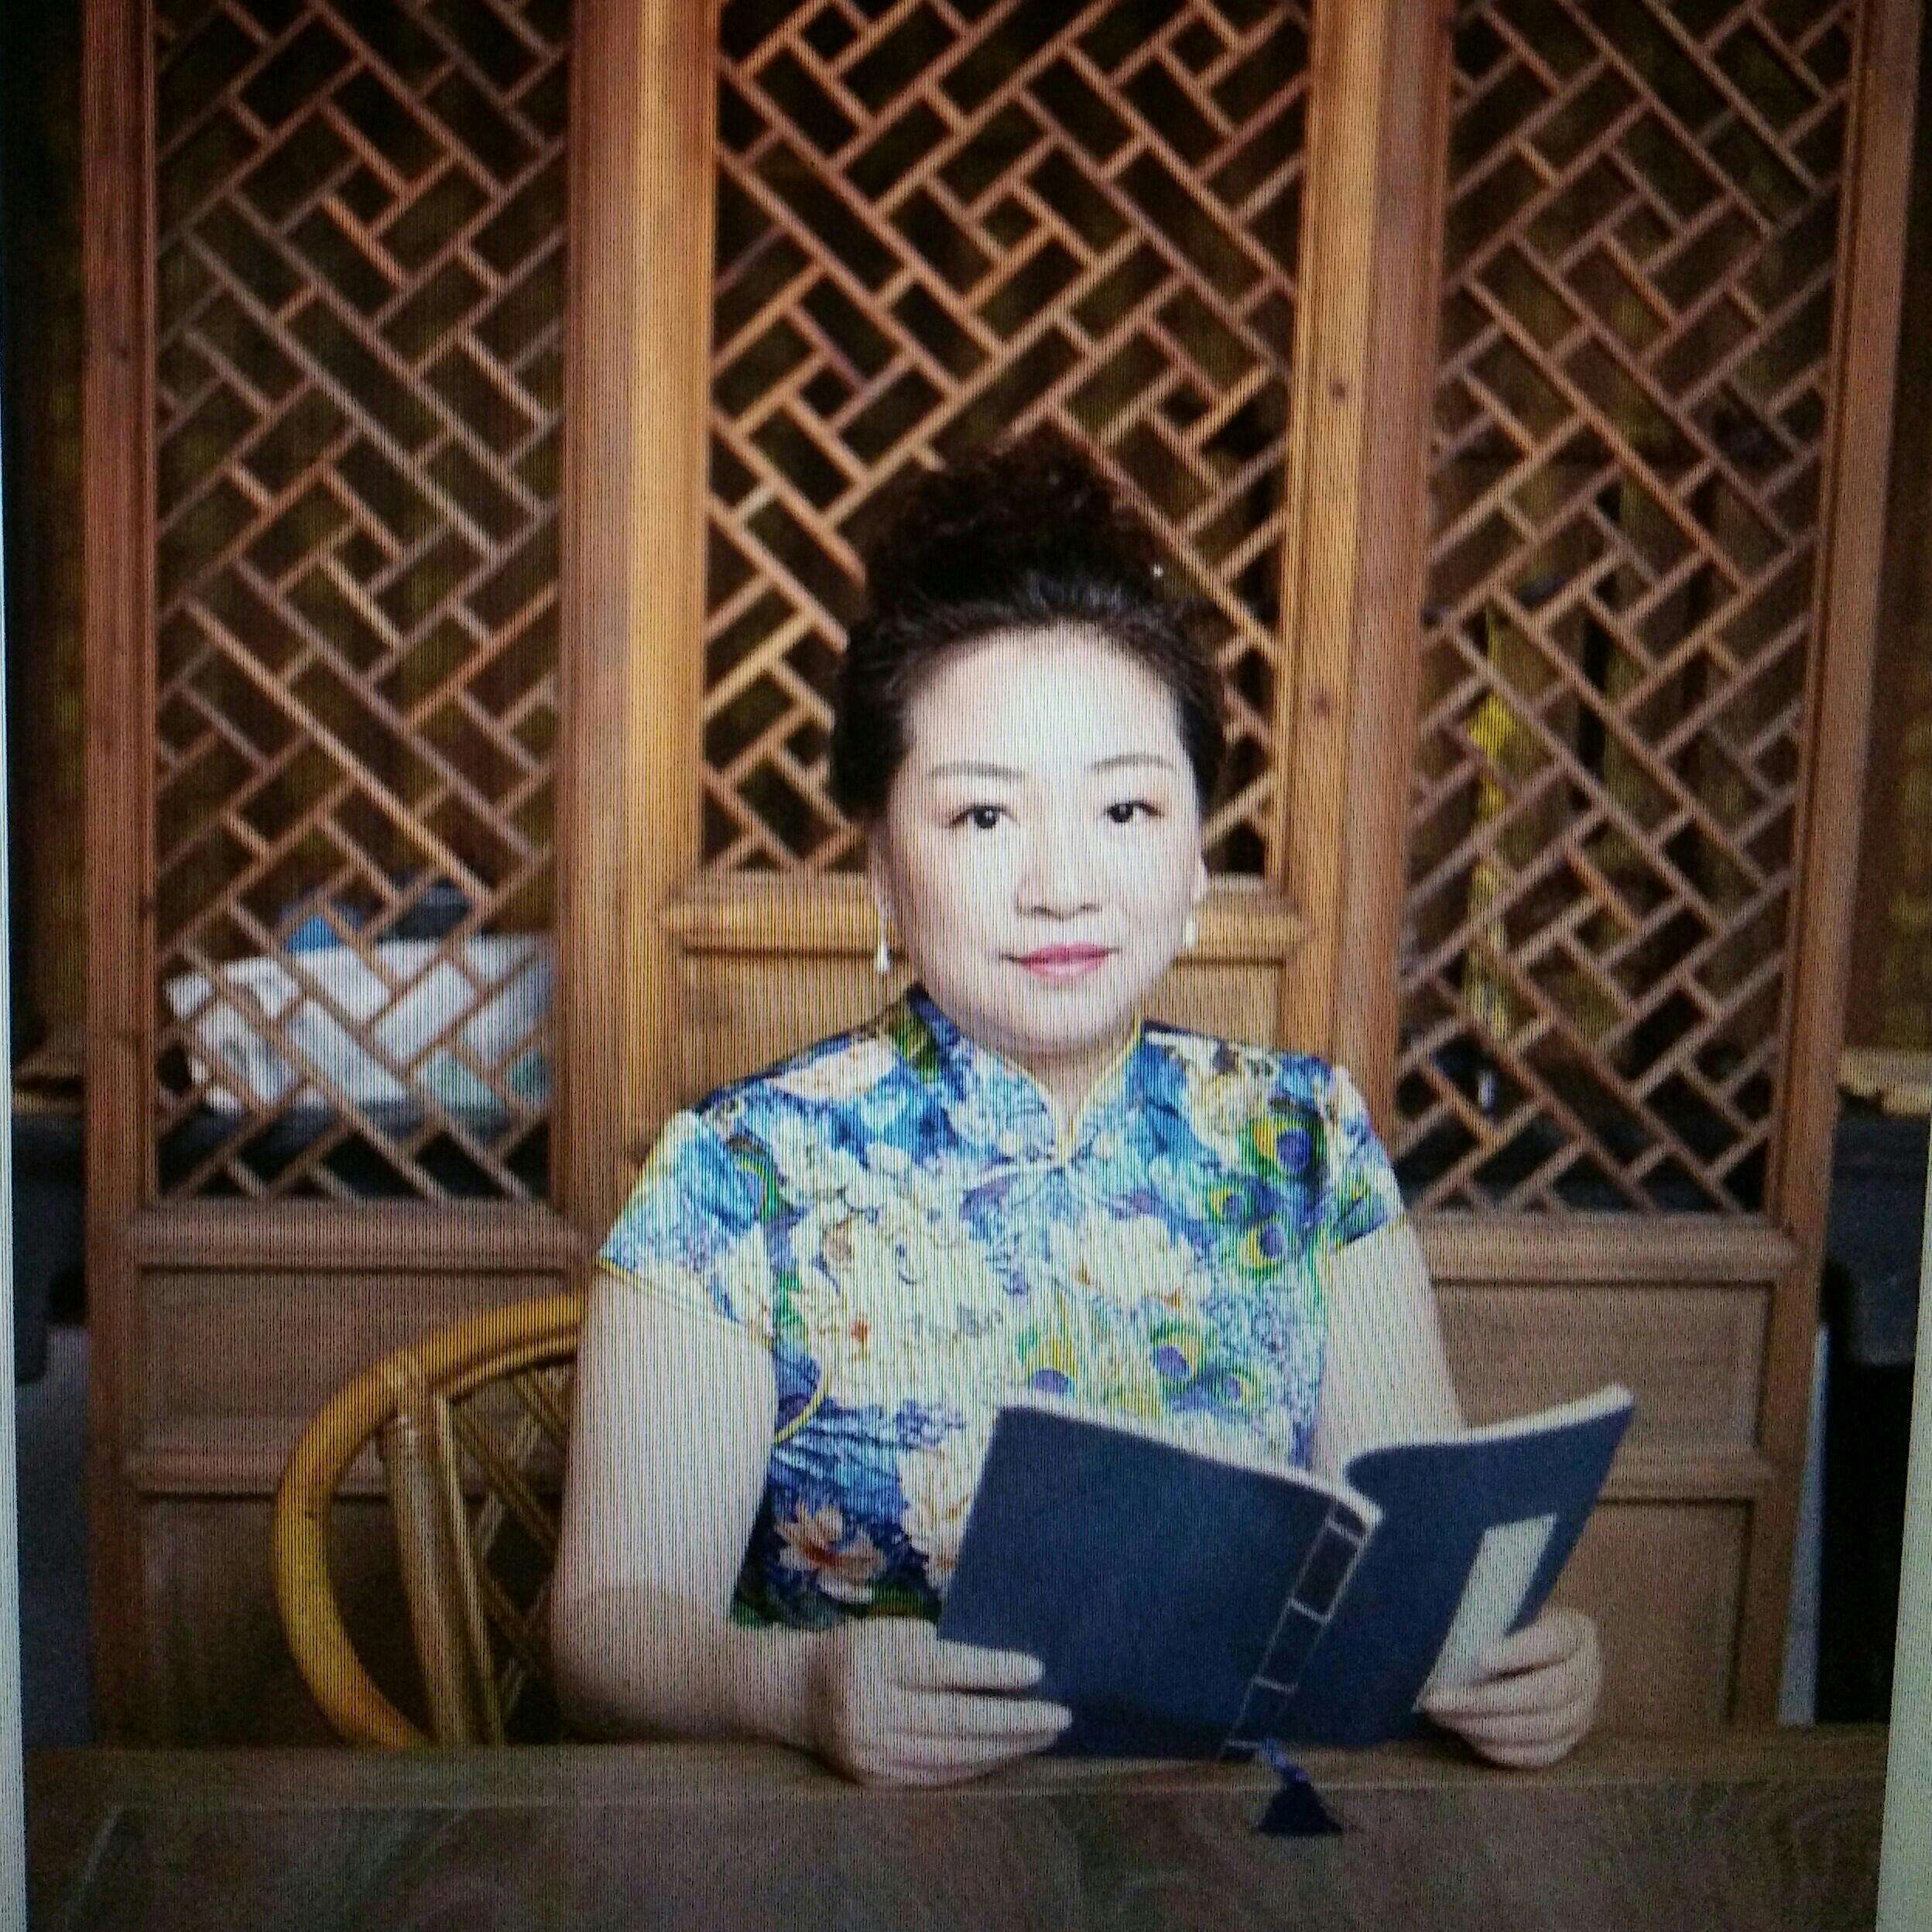 沧州市运河区广电幼儿园法人张如梦照片